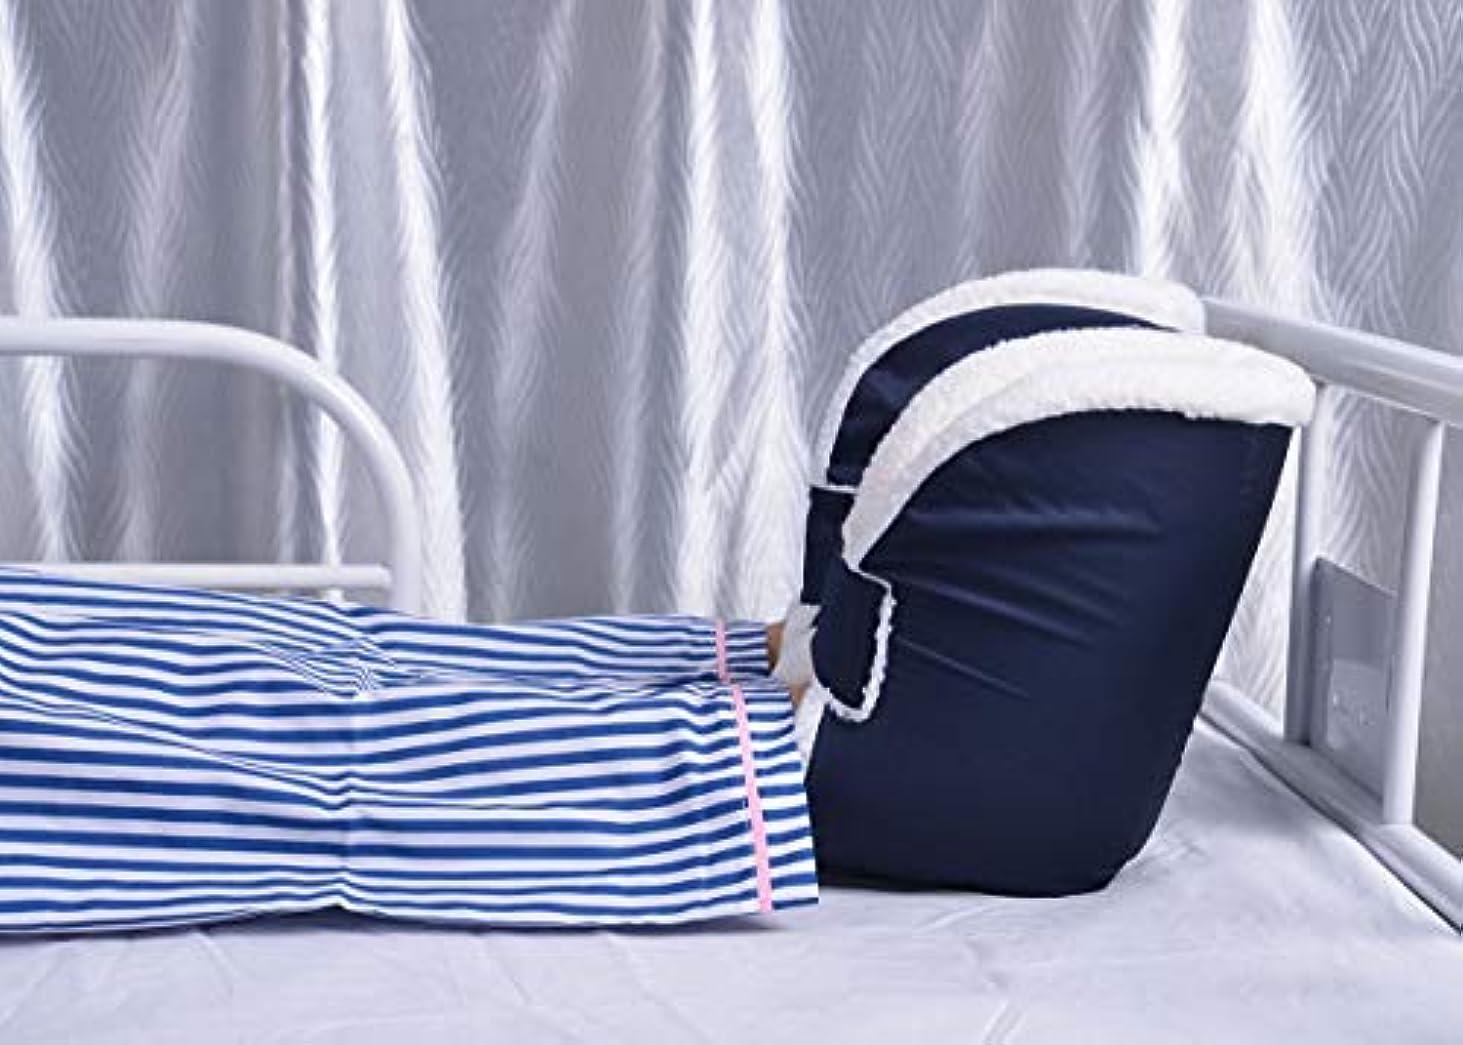 のみ症状ワイプヒールプロテクター - 1組の褥瘡足パッド枕 - かかと、足、足首&肘用ブーツ枕 - ワンサイズ